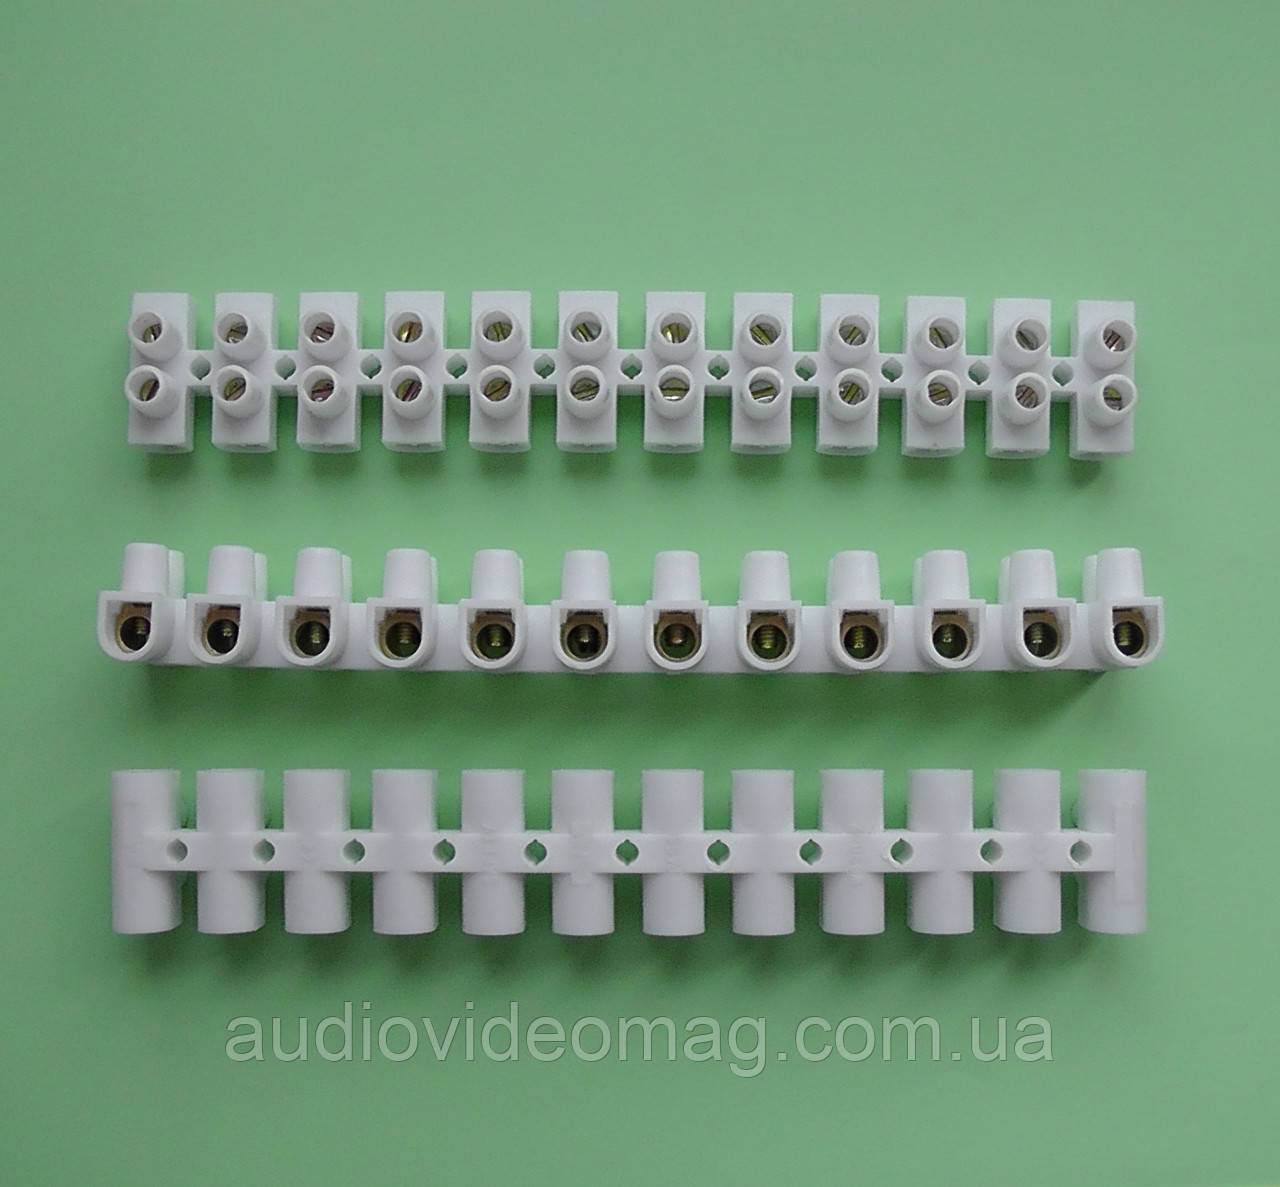 Клемна колодка 16 мм2 30А, пластик (РА) не підтримує горіння